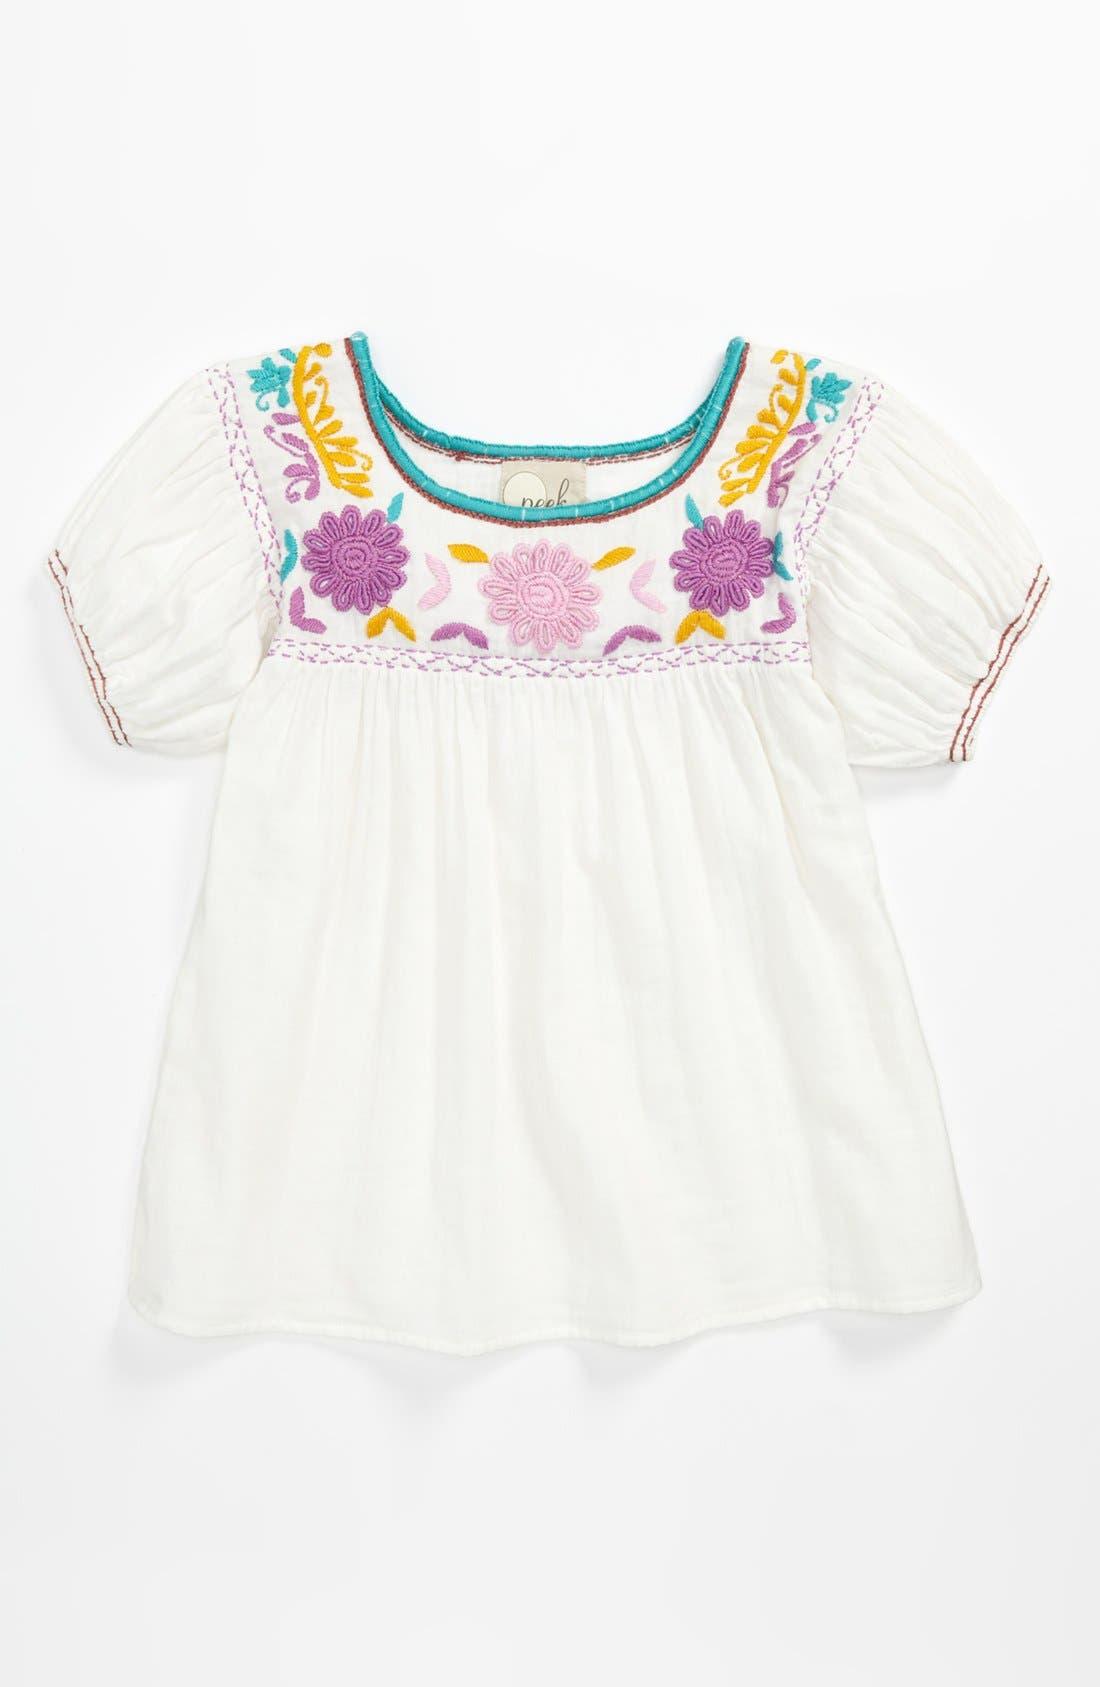 Main Image - Peek 'Ashley' Top (Toddler, Little Girls & Big Girls)